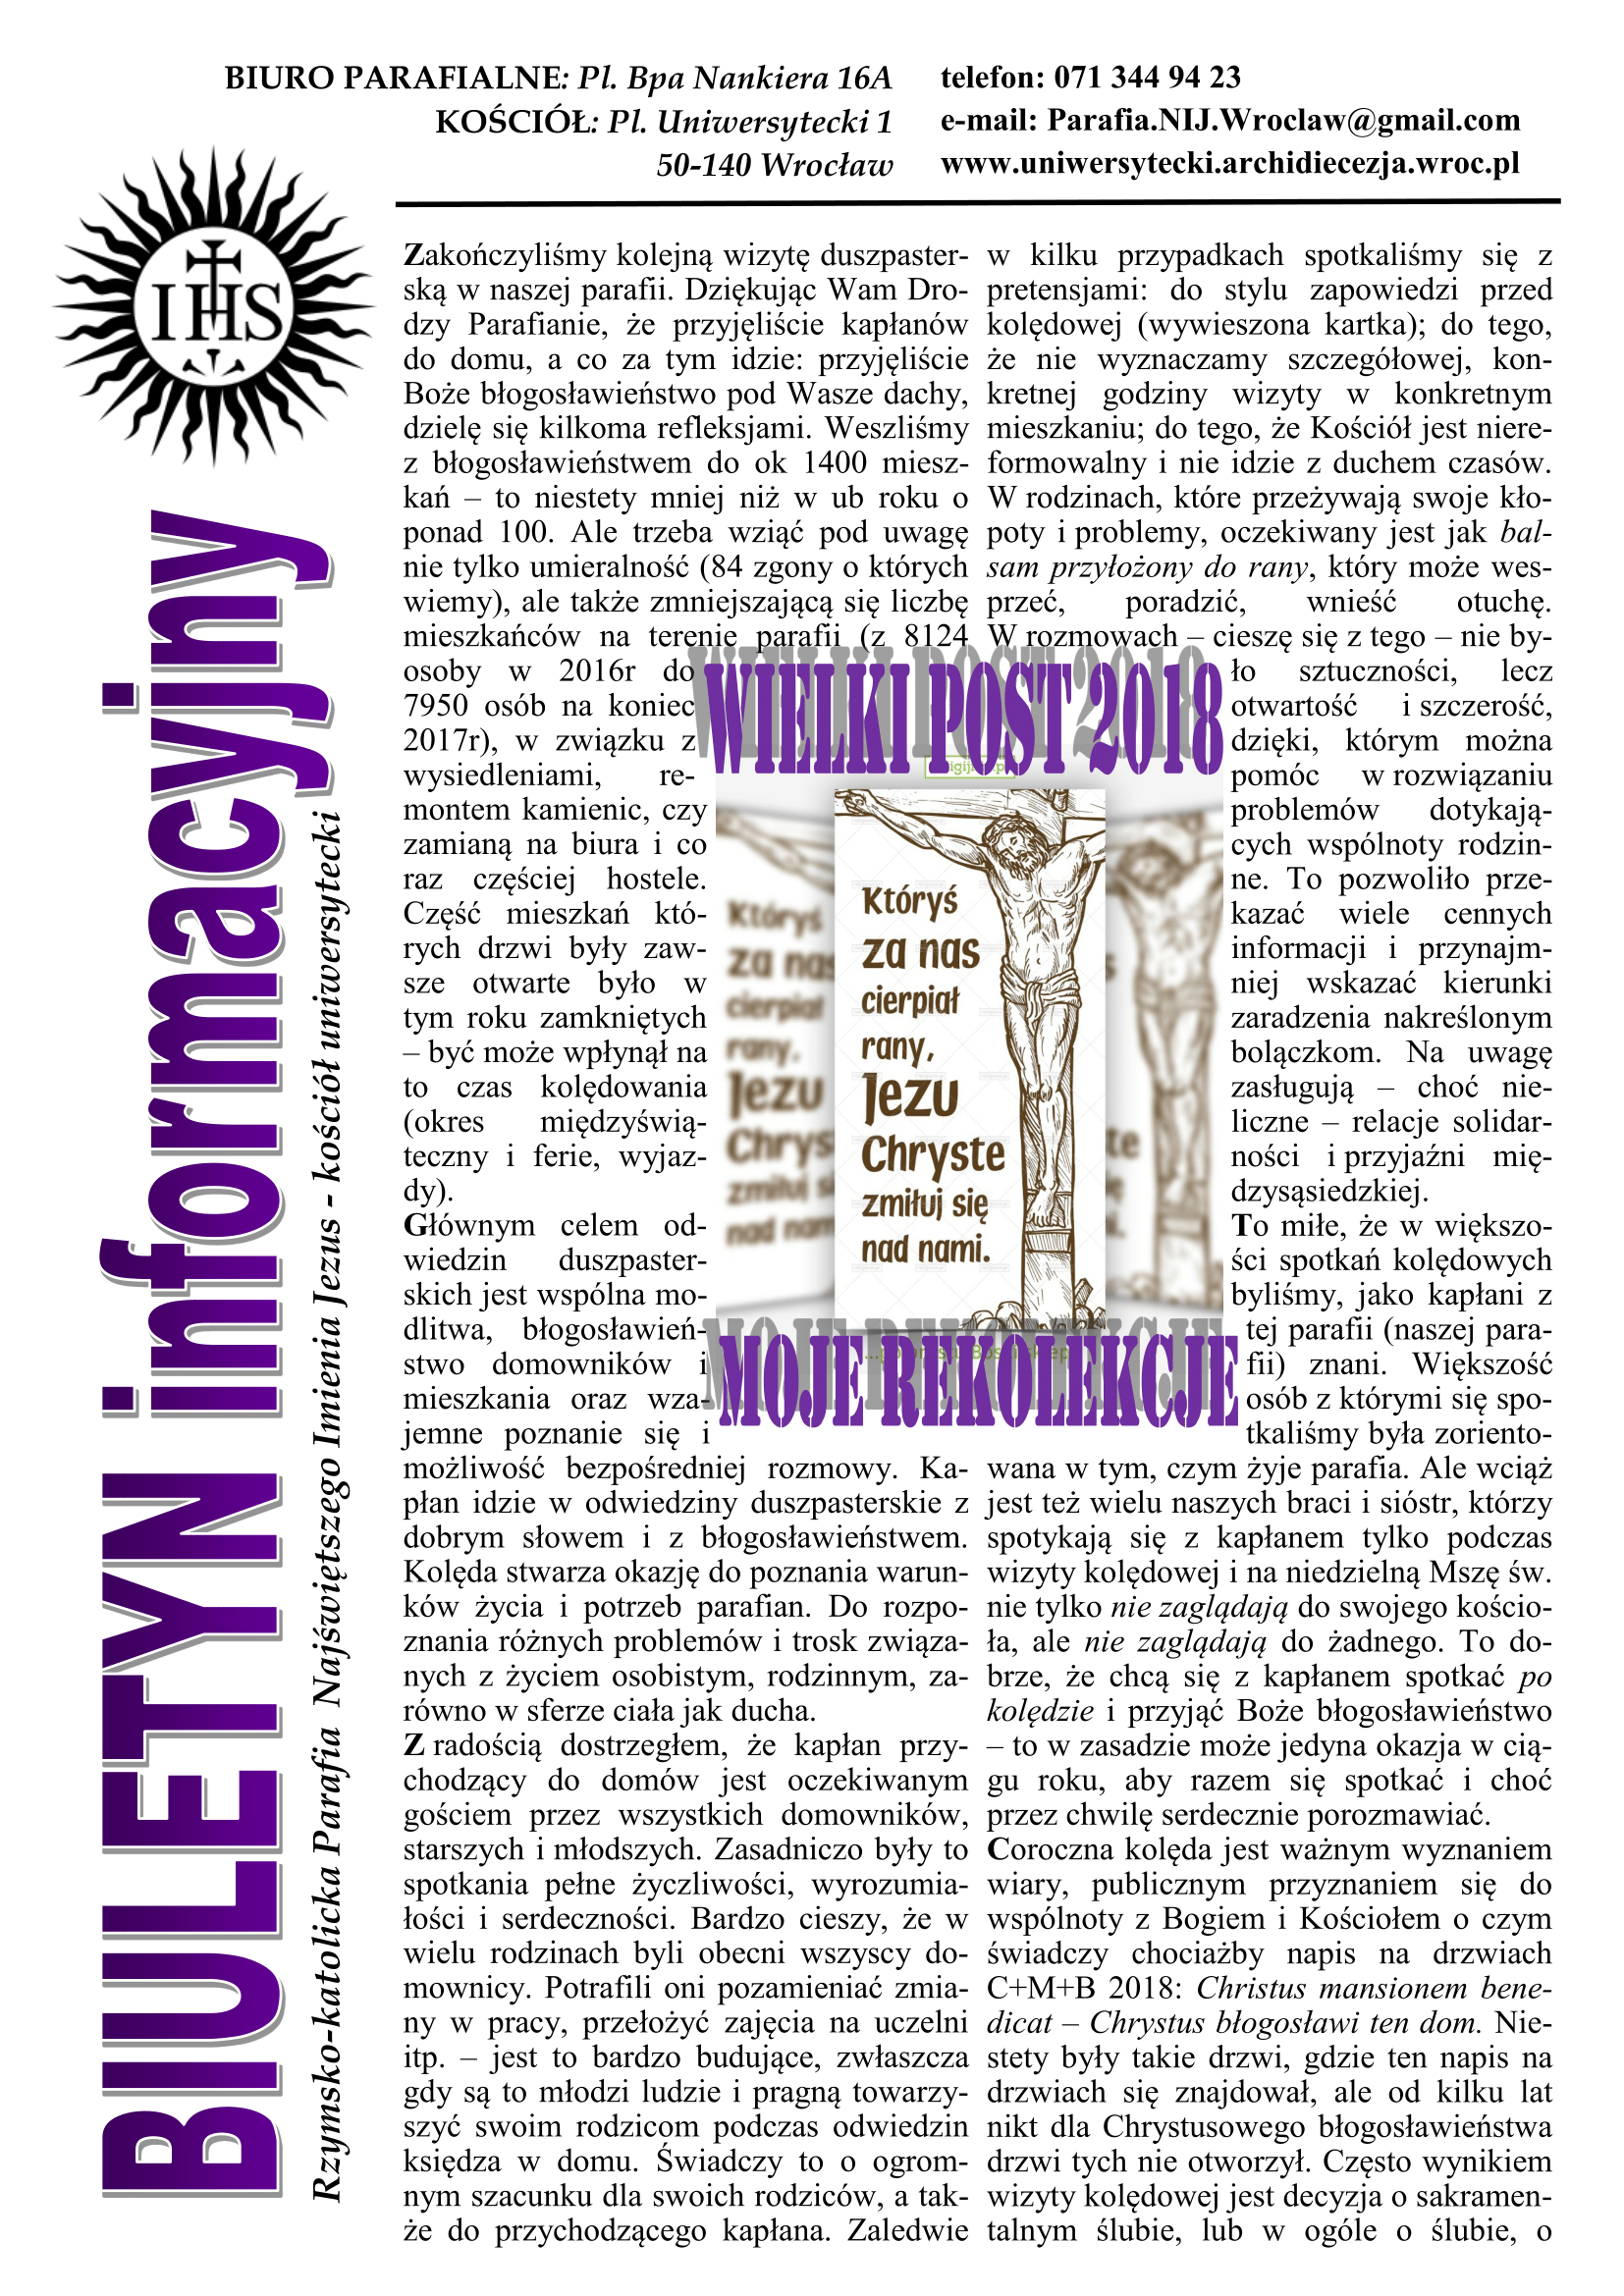 BIULETYN 16 Wielki Post 2018